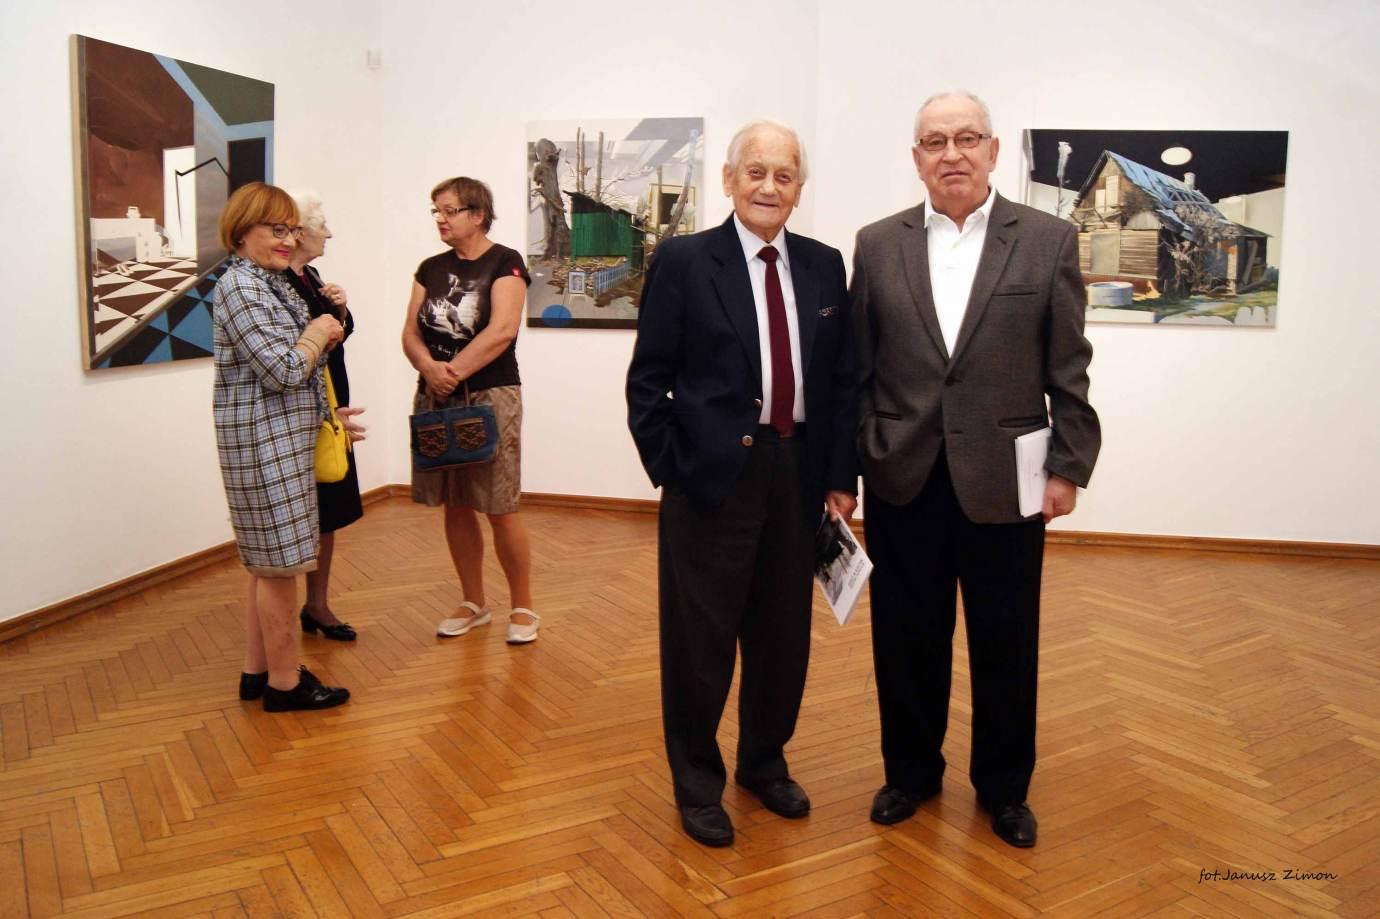 piotr tymochowicz bwa galeria zamojska fot janusz zimon 29 Zamość: Wernisaż wystawy Piotra Tymochowicza